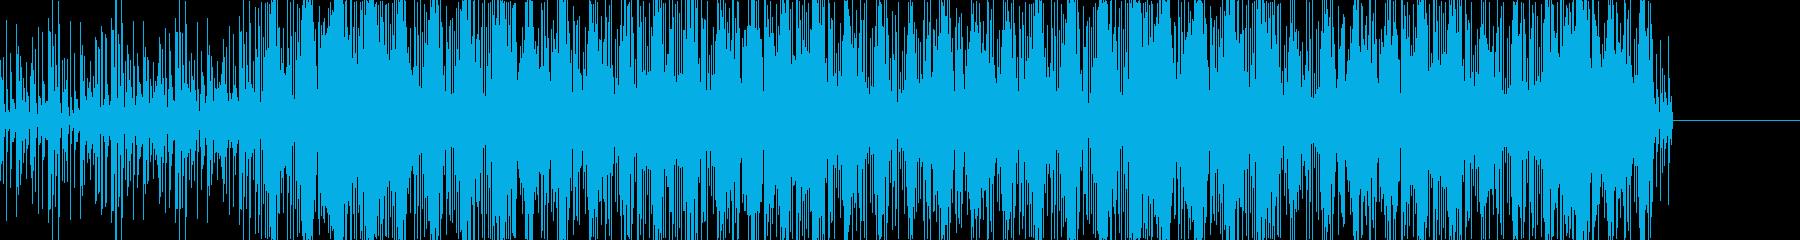 ブランチグルーブサンデー。 EP ...の再生済みの波形